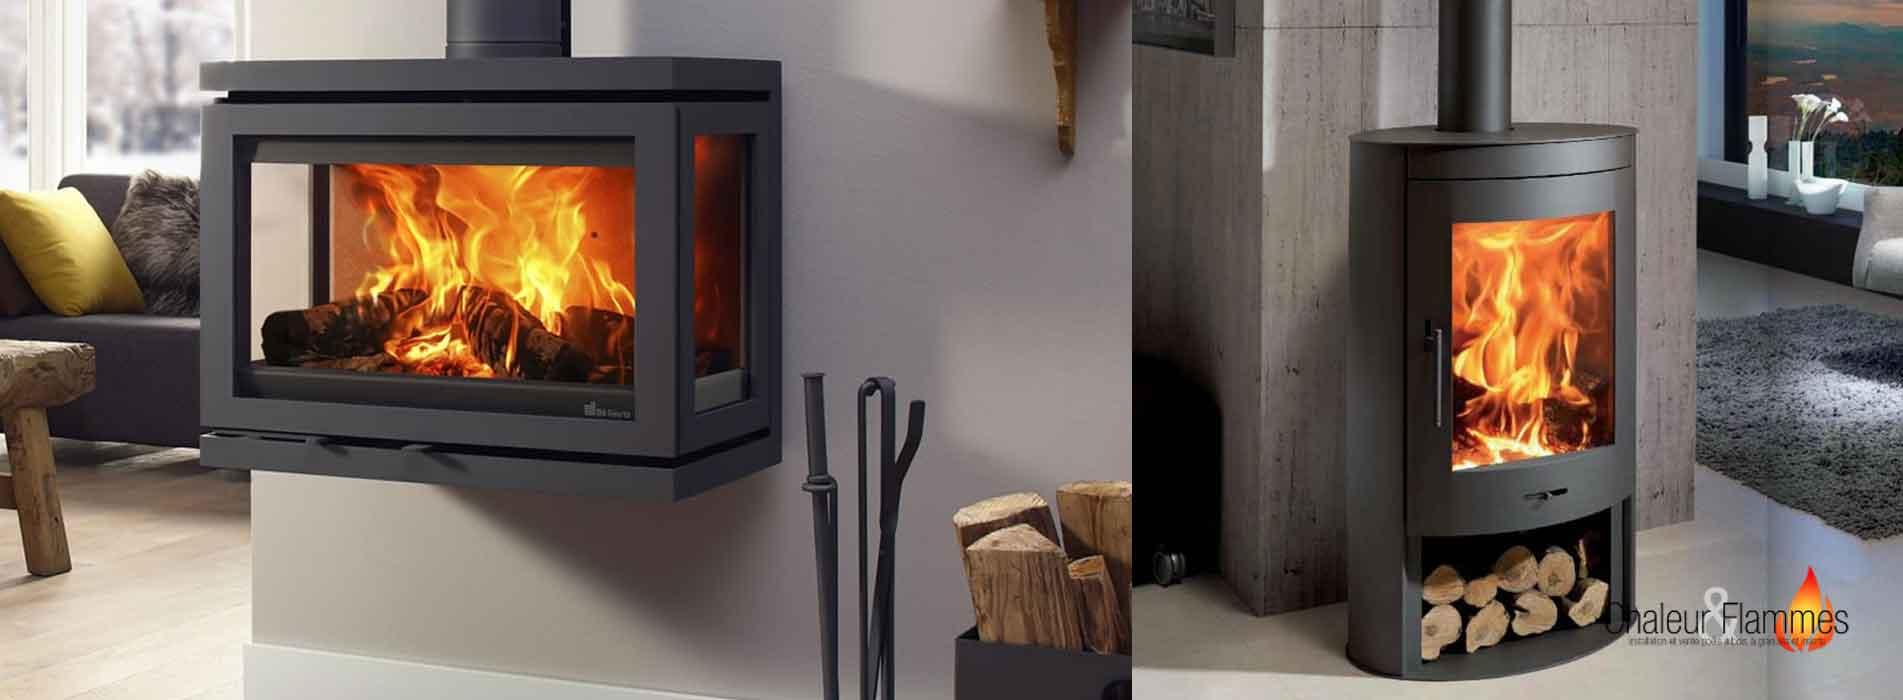 Cote Flammes Villefranche De Lauragais chaleur & flammes | poêle à bois, poêle à granulés, inserts